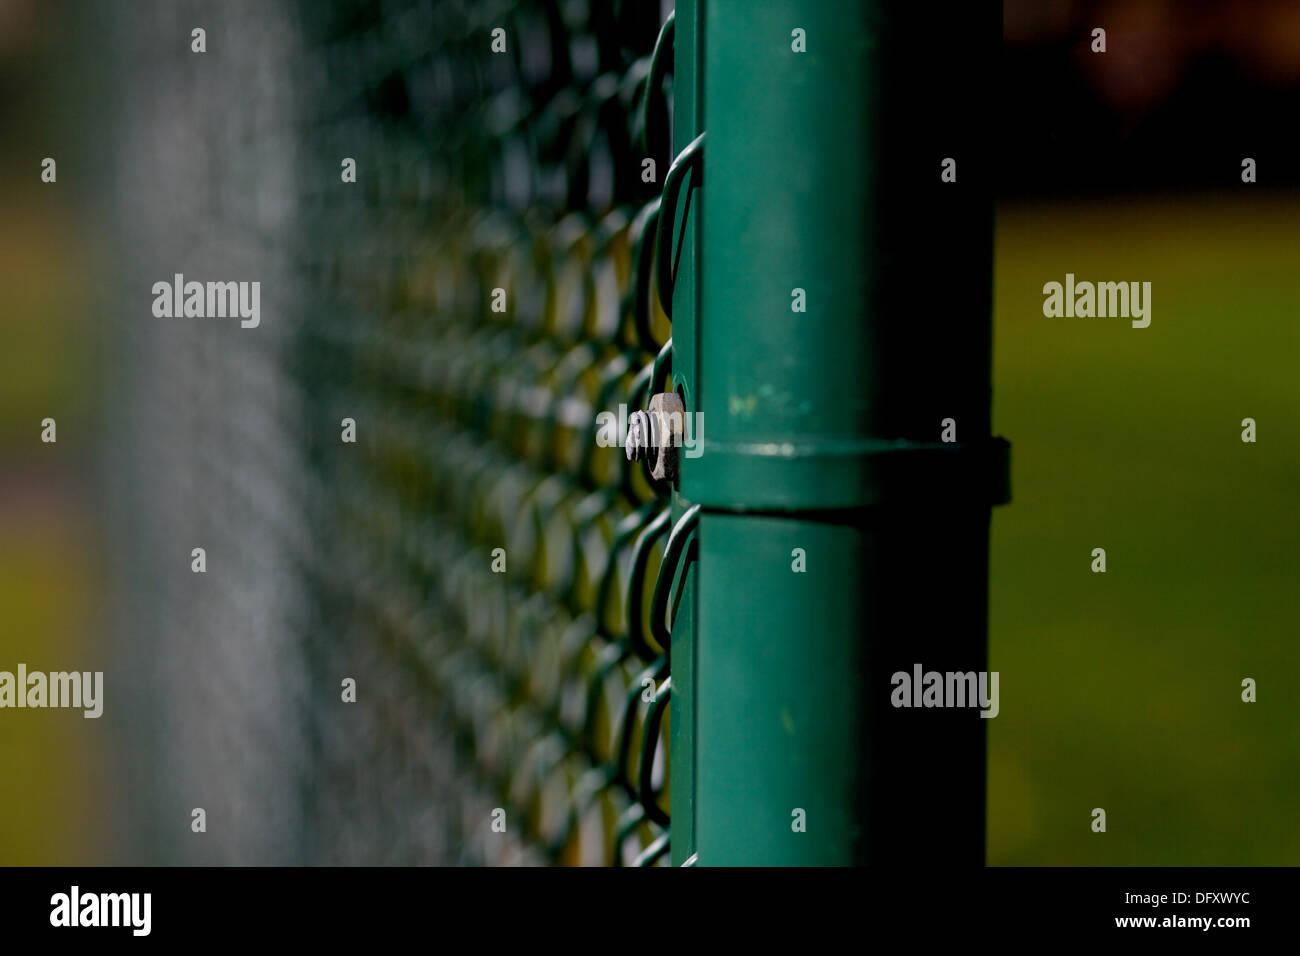 Immagine ravvicinata di recinzioni di filo Immagini Stock